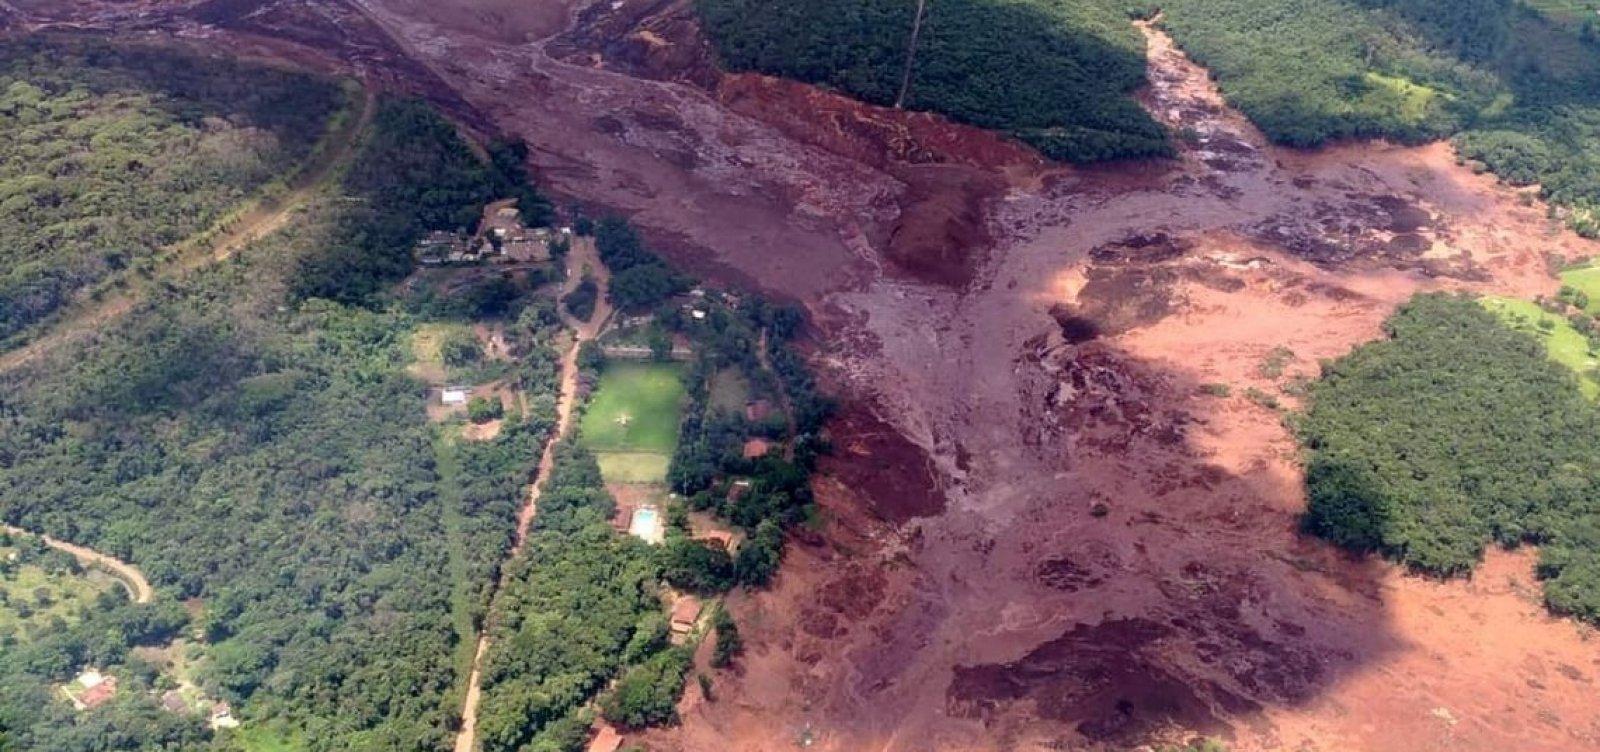 [Justiça dá ordem para evacuação de residências próximas de barragem em Brumadinho]